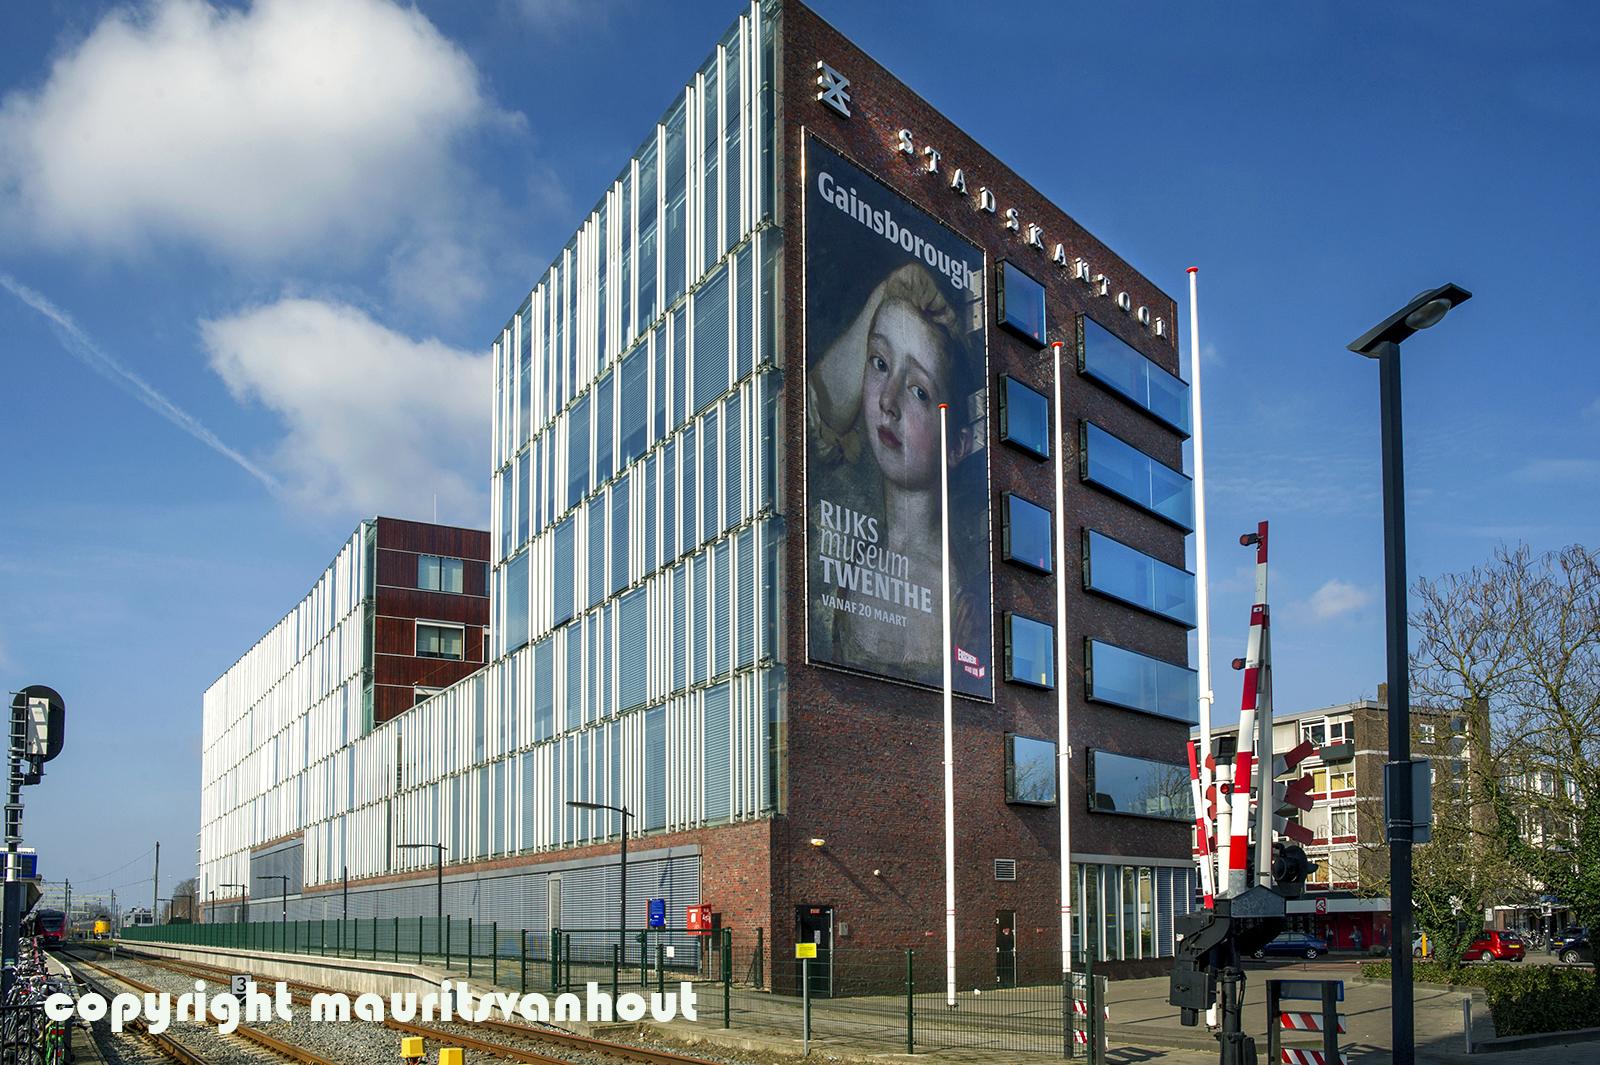 Stadskantoor Enschede, architectuurfotograaf Maurits van Hout